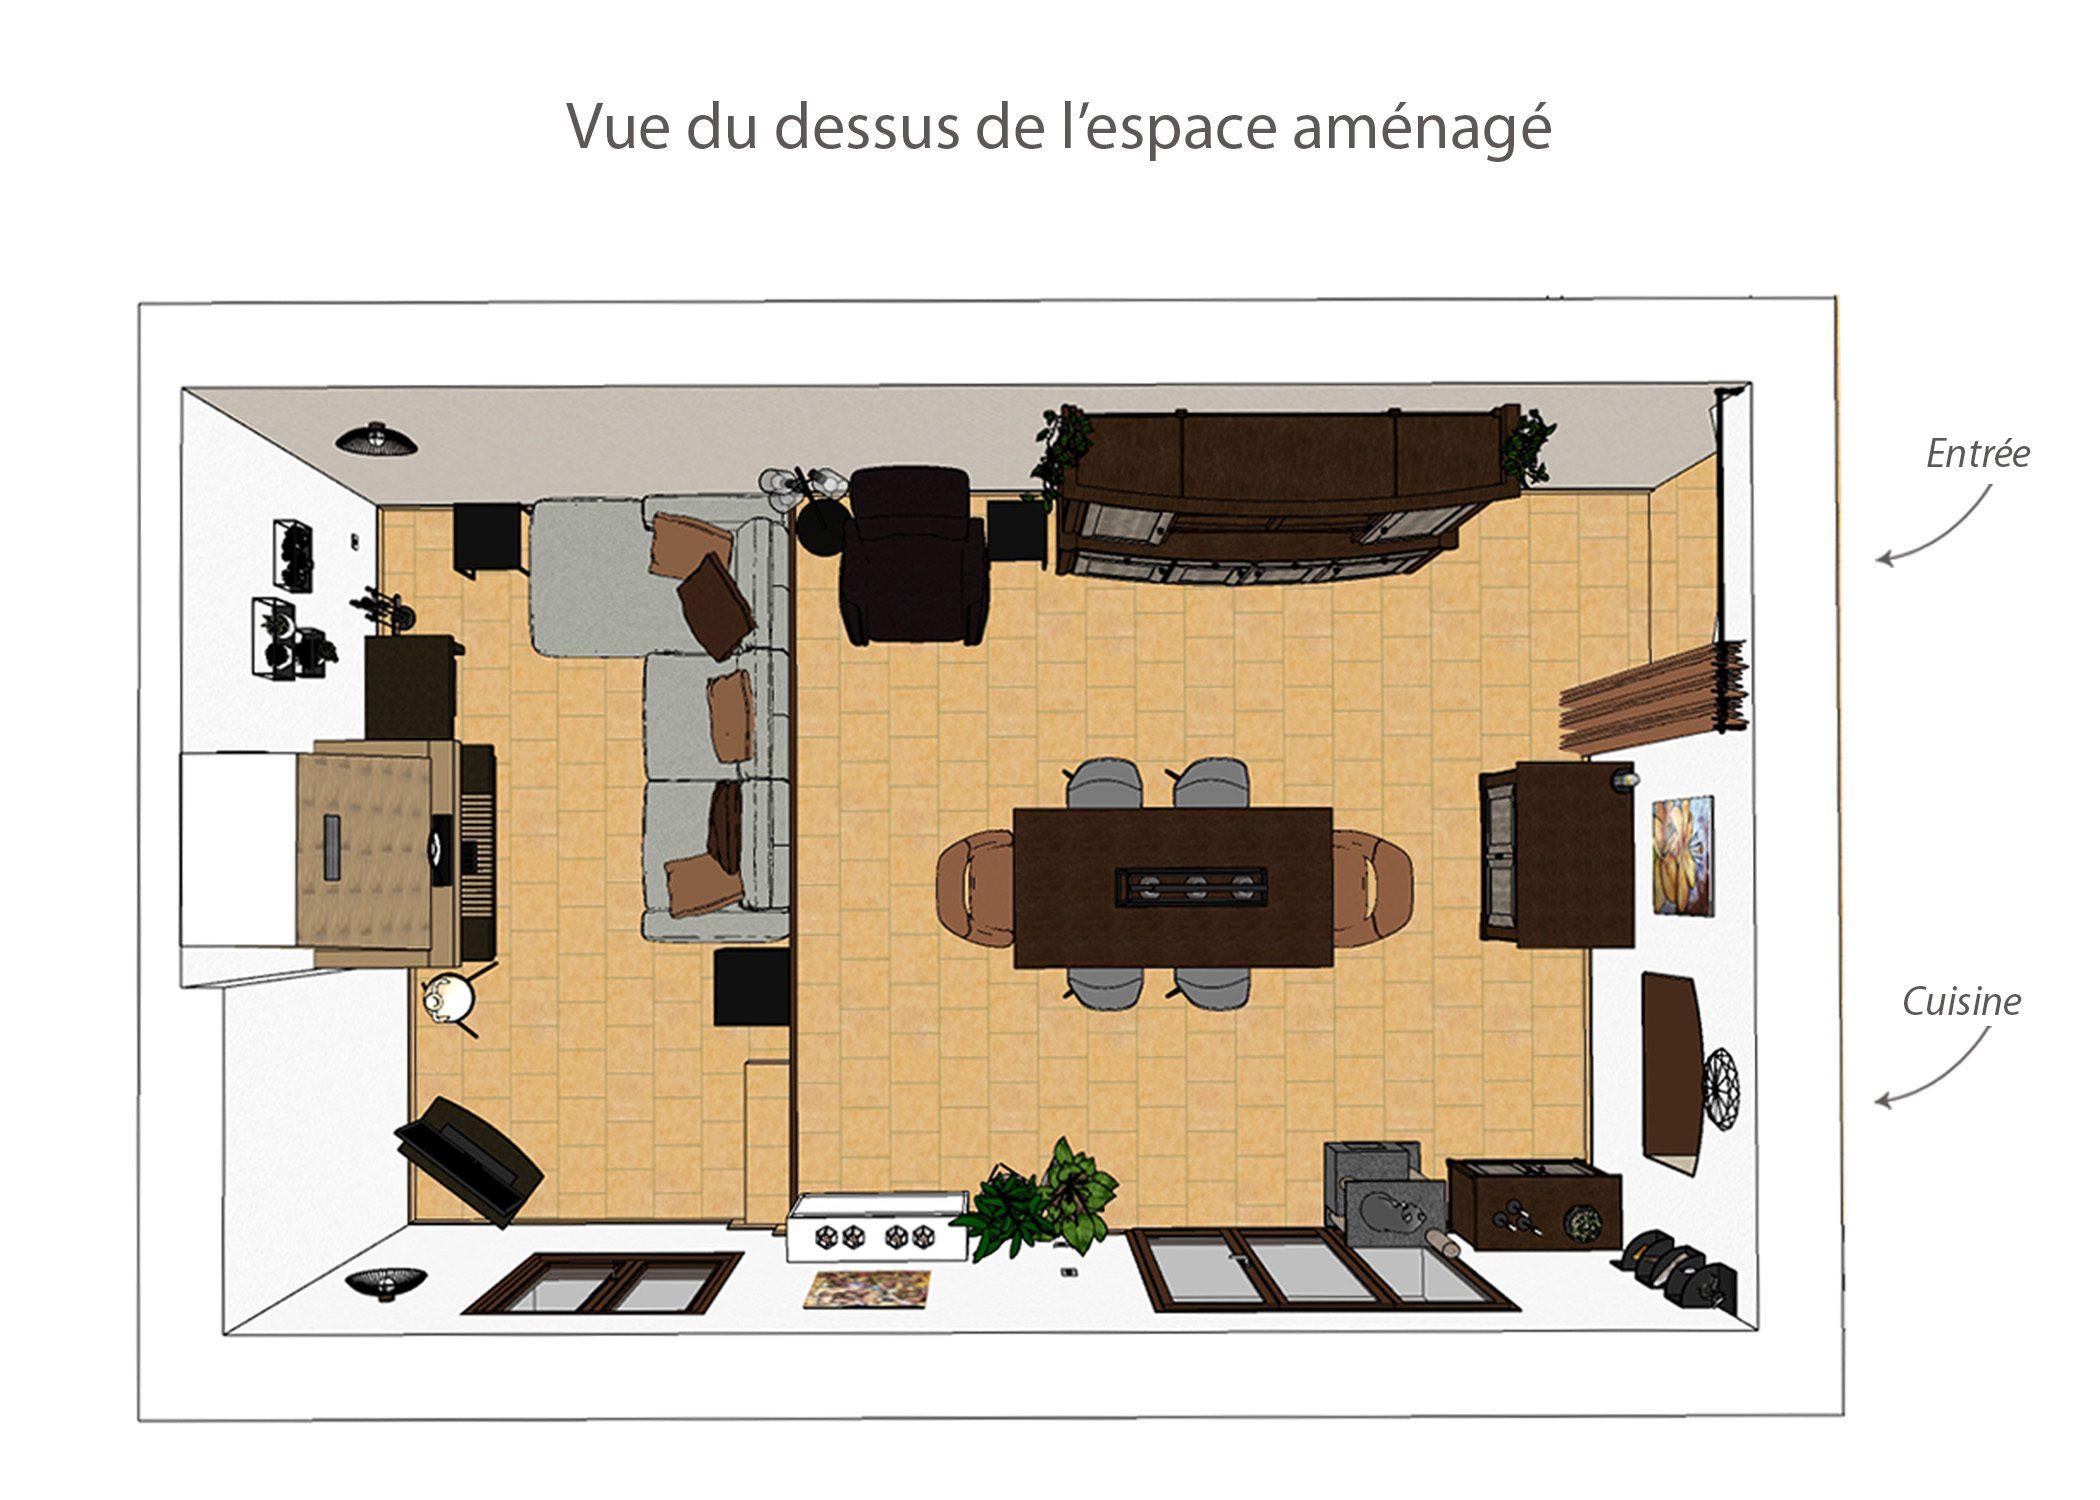 agencement-decoration-sejour fuveau-vue du dessus de l'espace amenage-dekho design